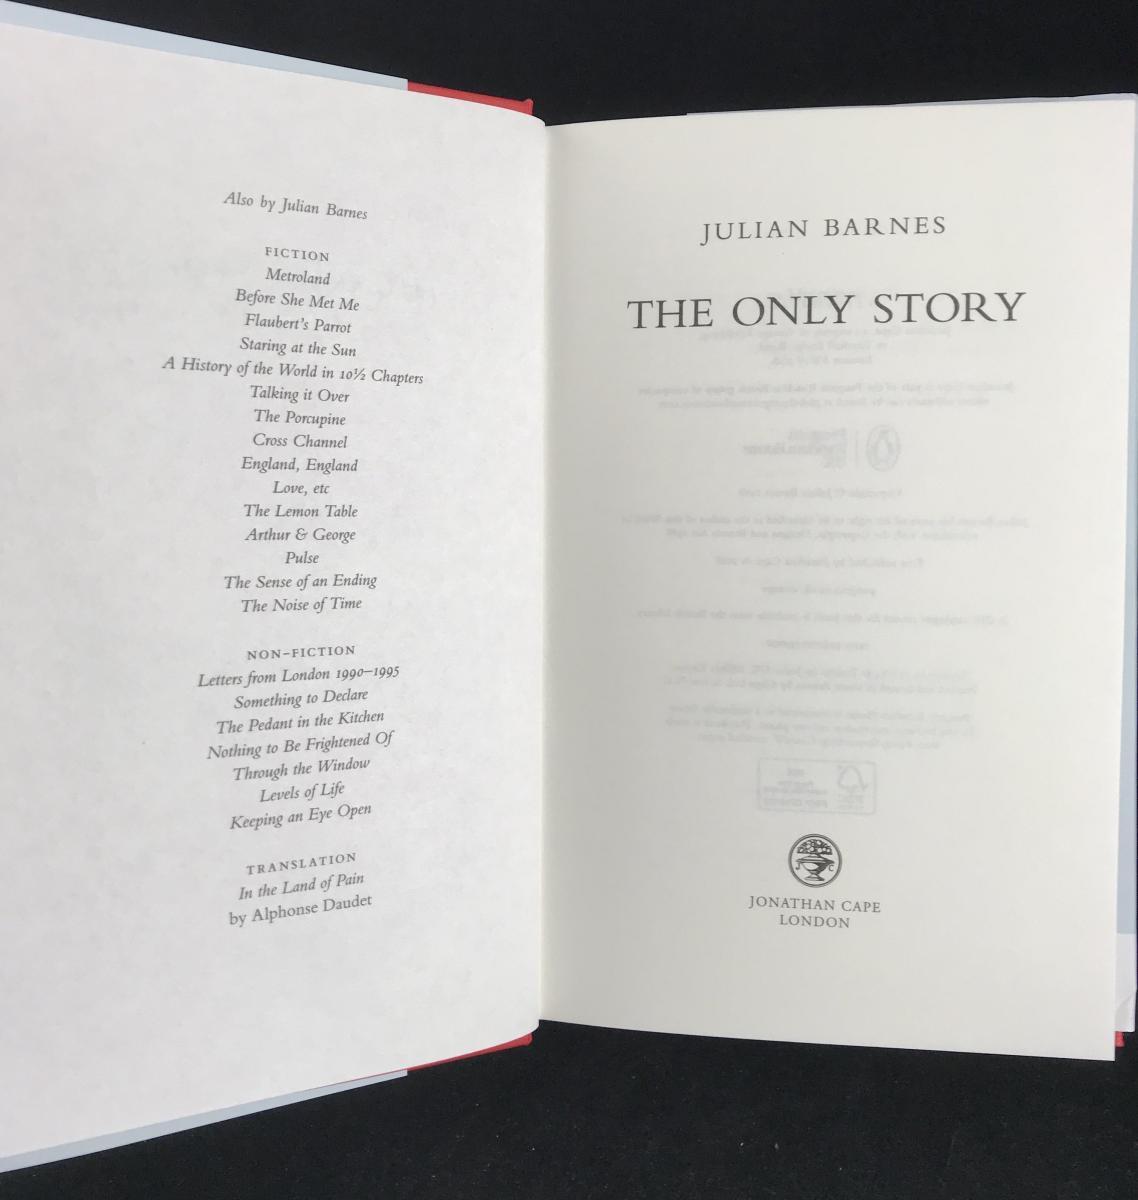 Hermione Lee – Julian Barnes Bibliography